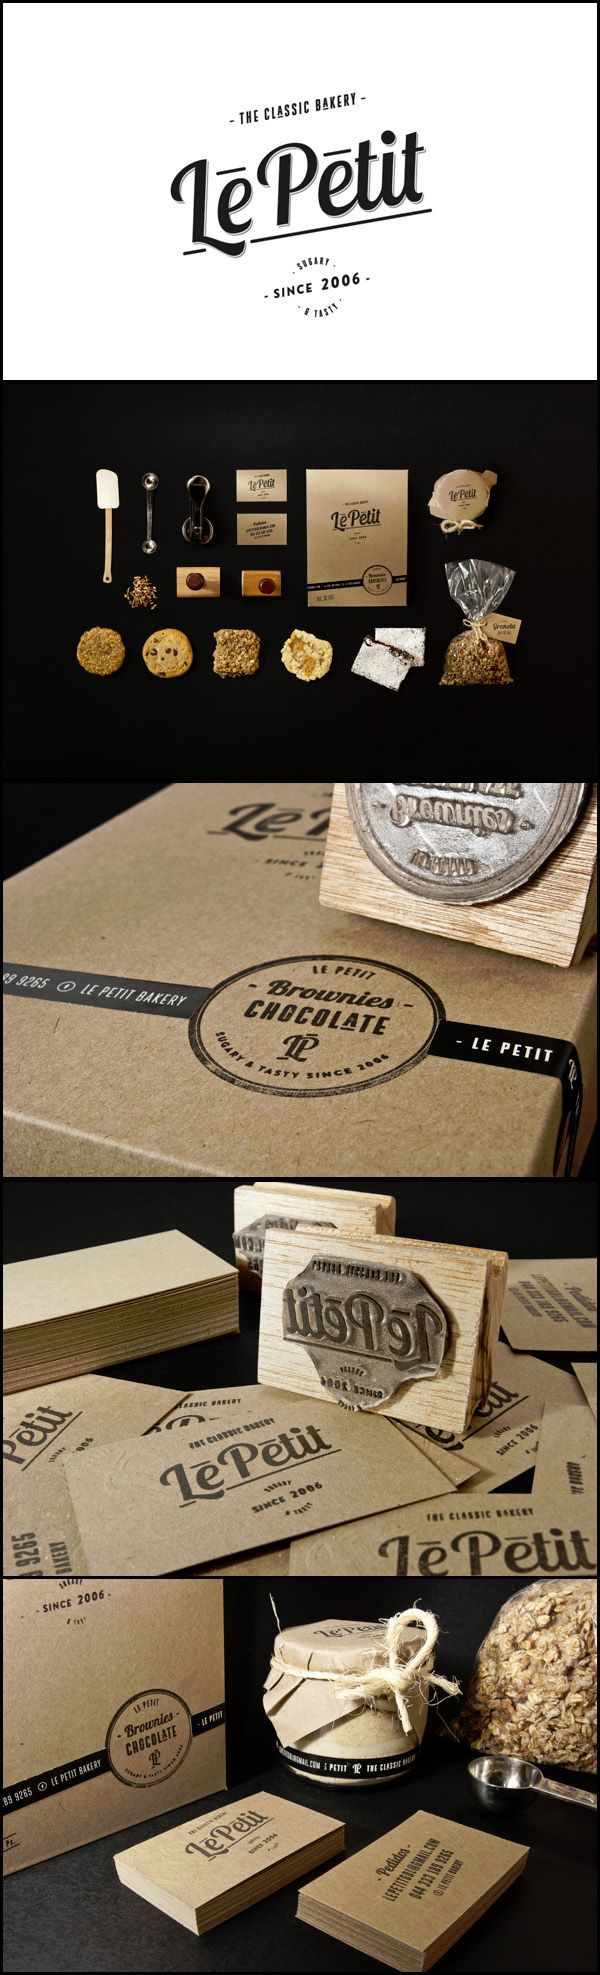 Le Petit Bakery Branding, Packaging